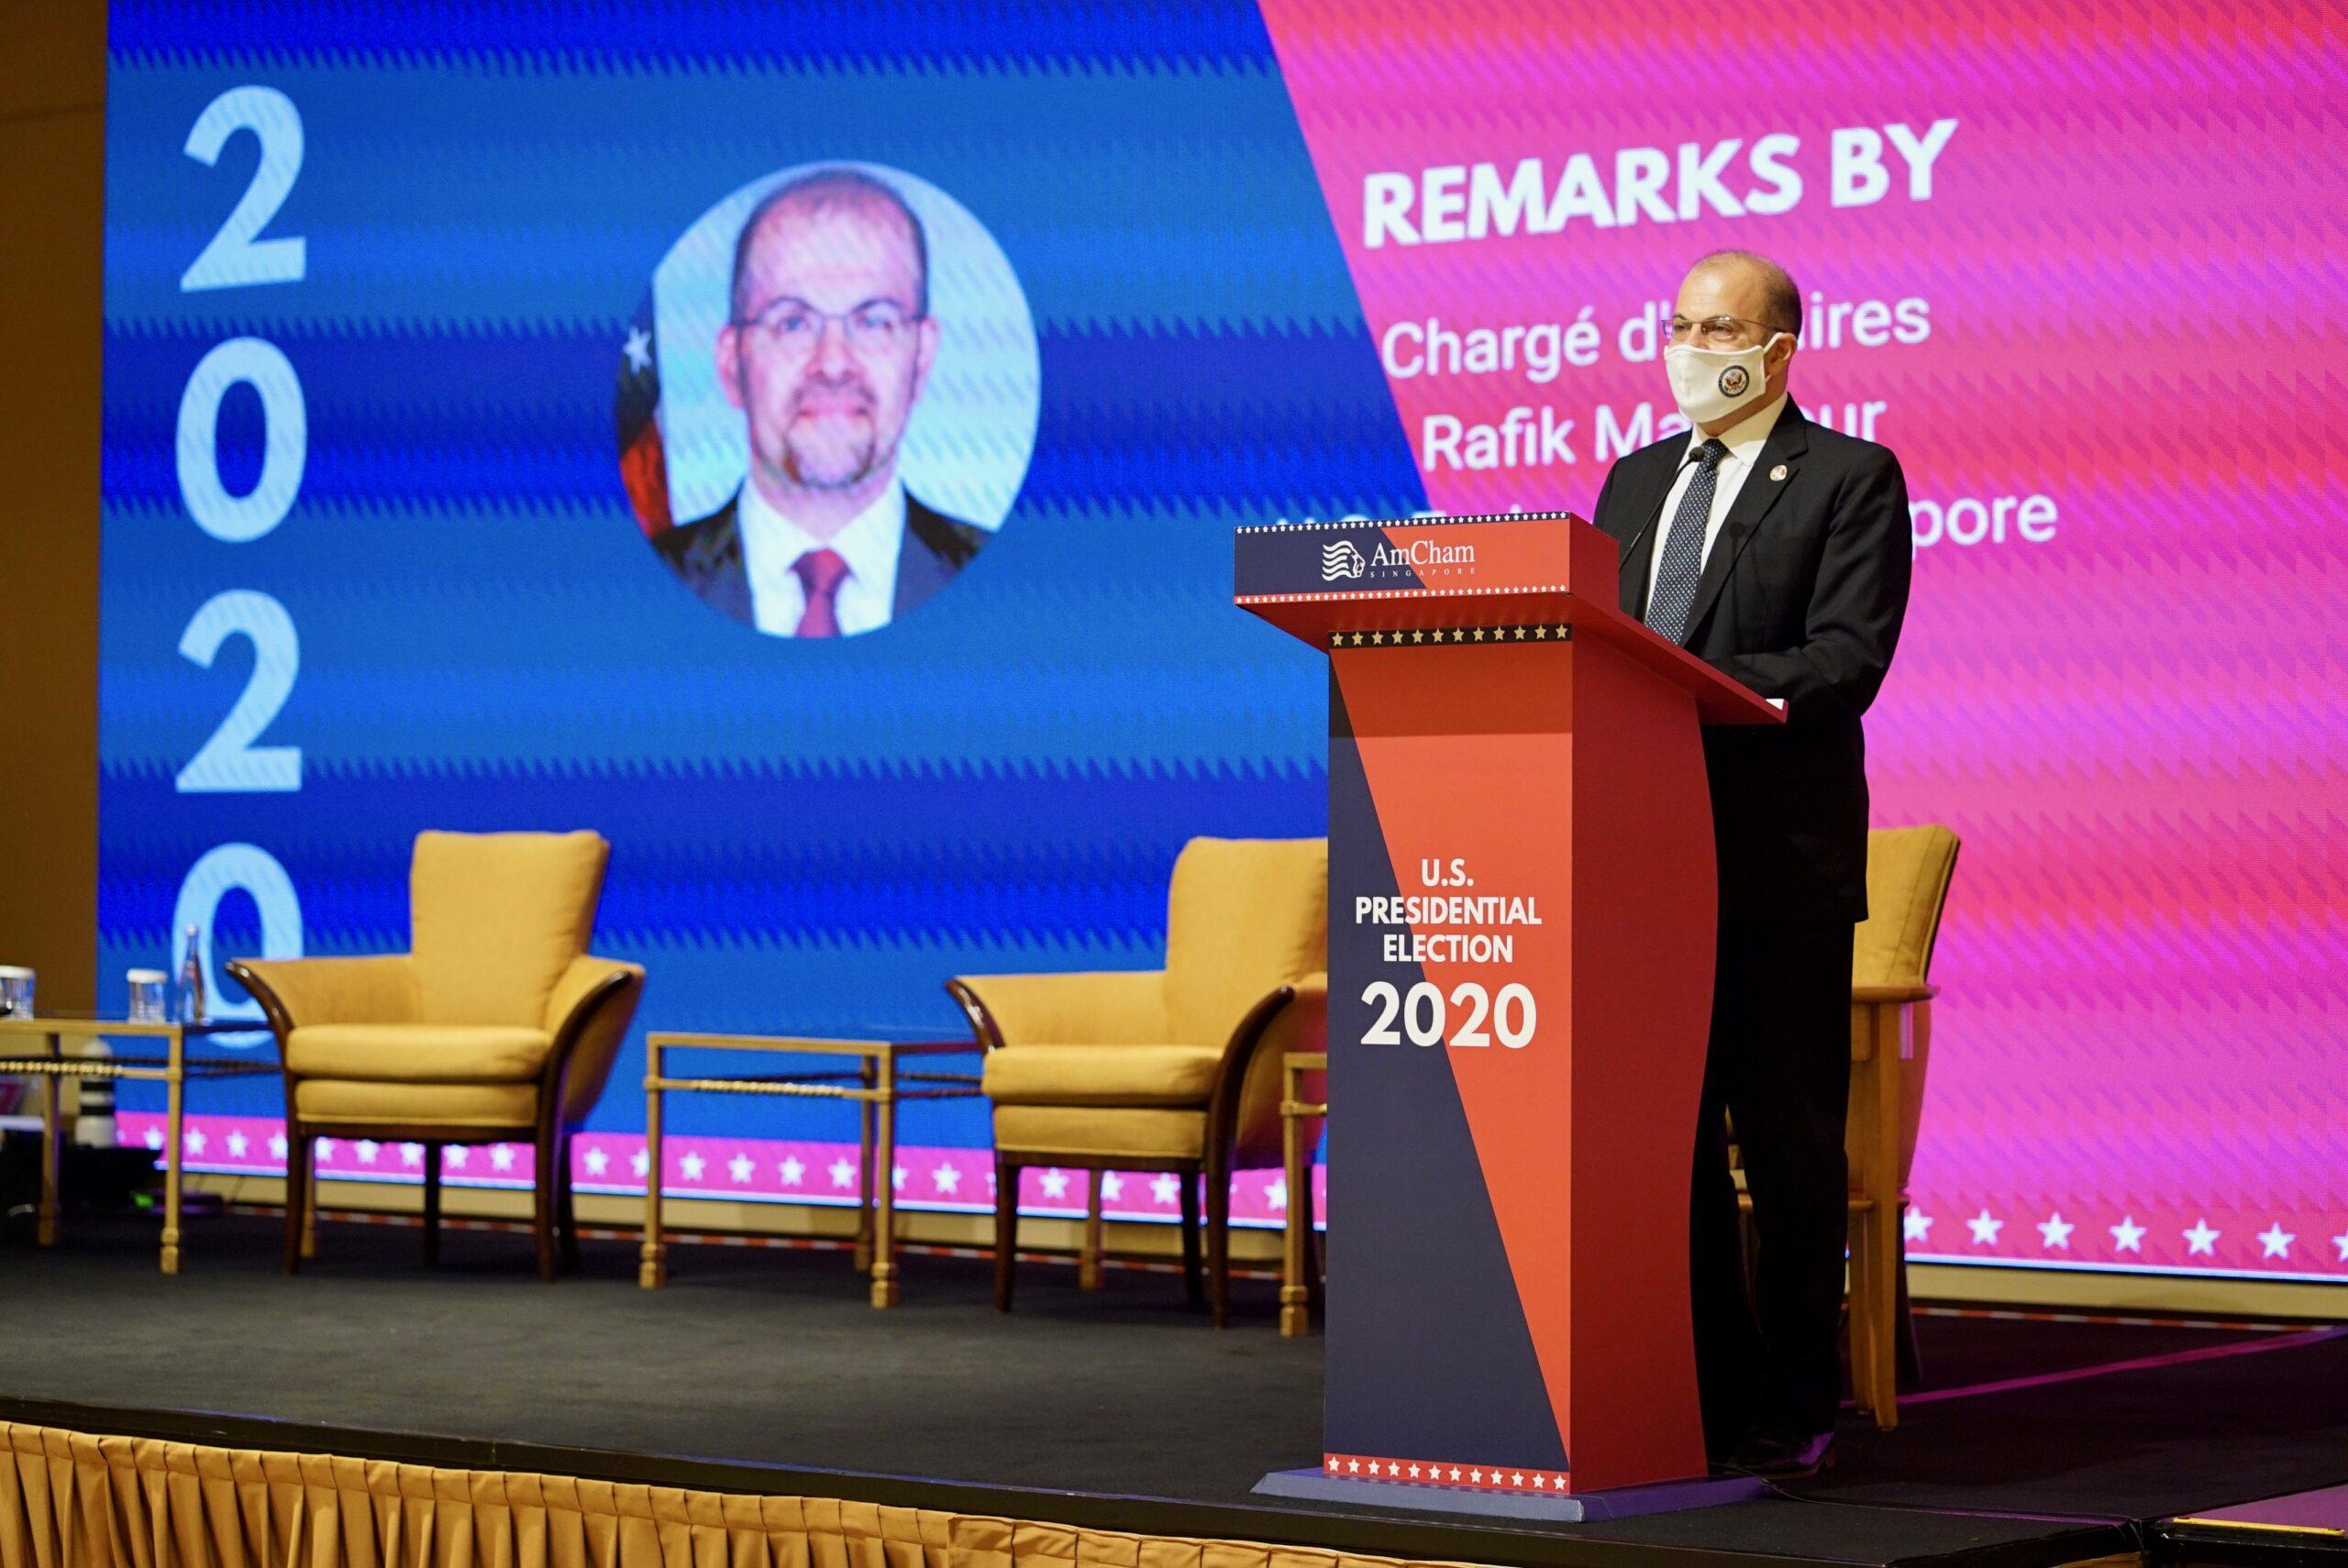 Chargé d'Affaires Mansour at AmCham Singapore's U.S. Presidential Election 2020 event